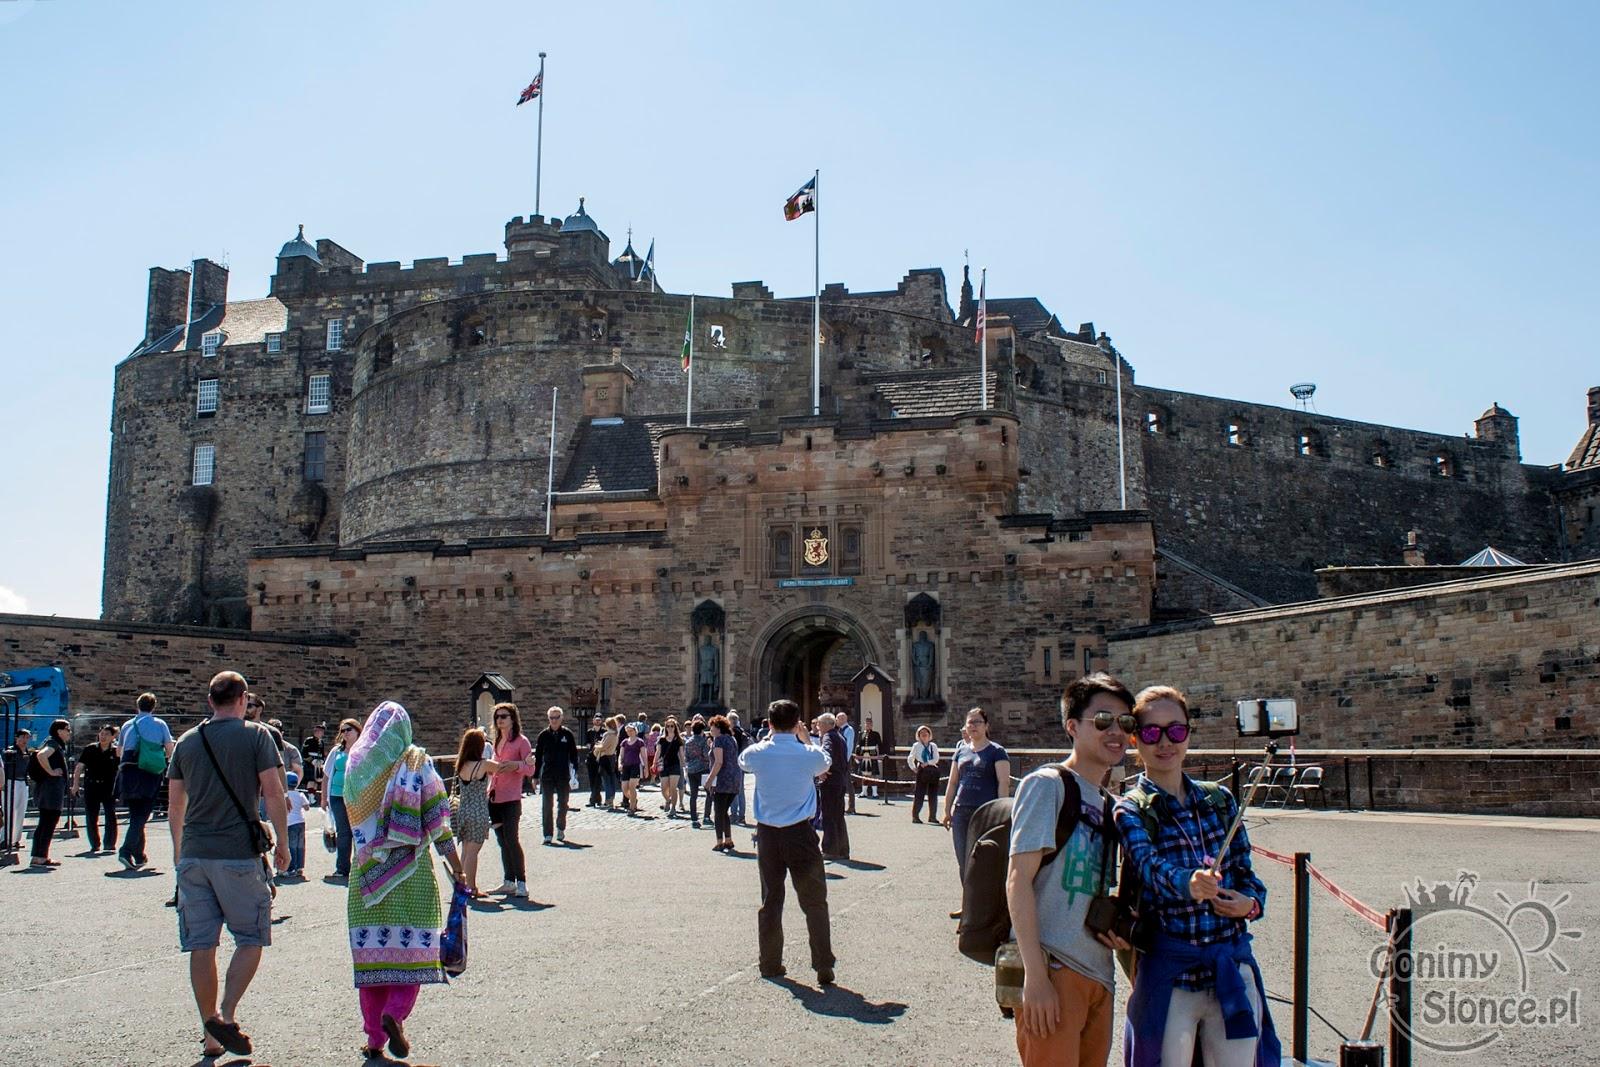 Zamek w Edynburgu, pierwsza część